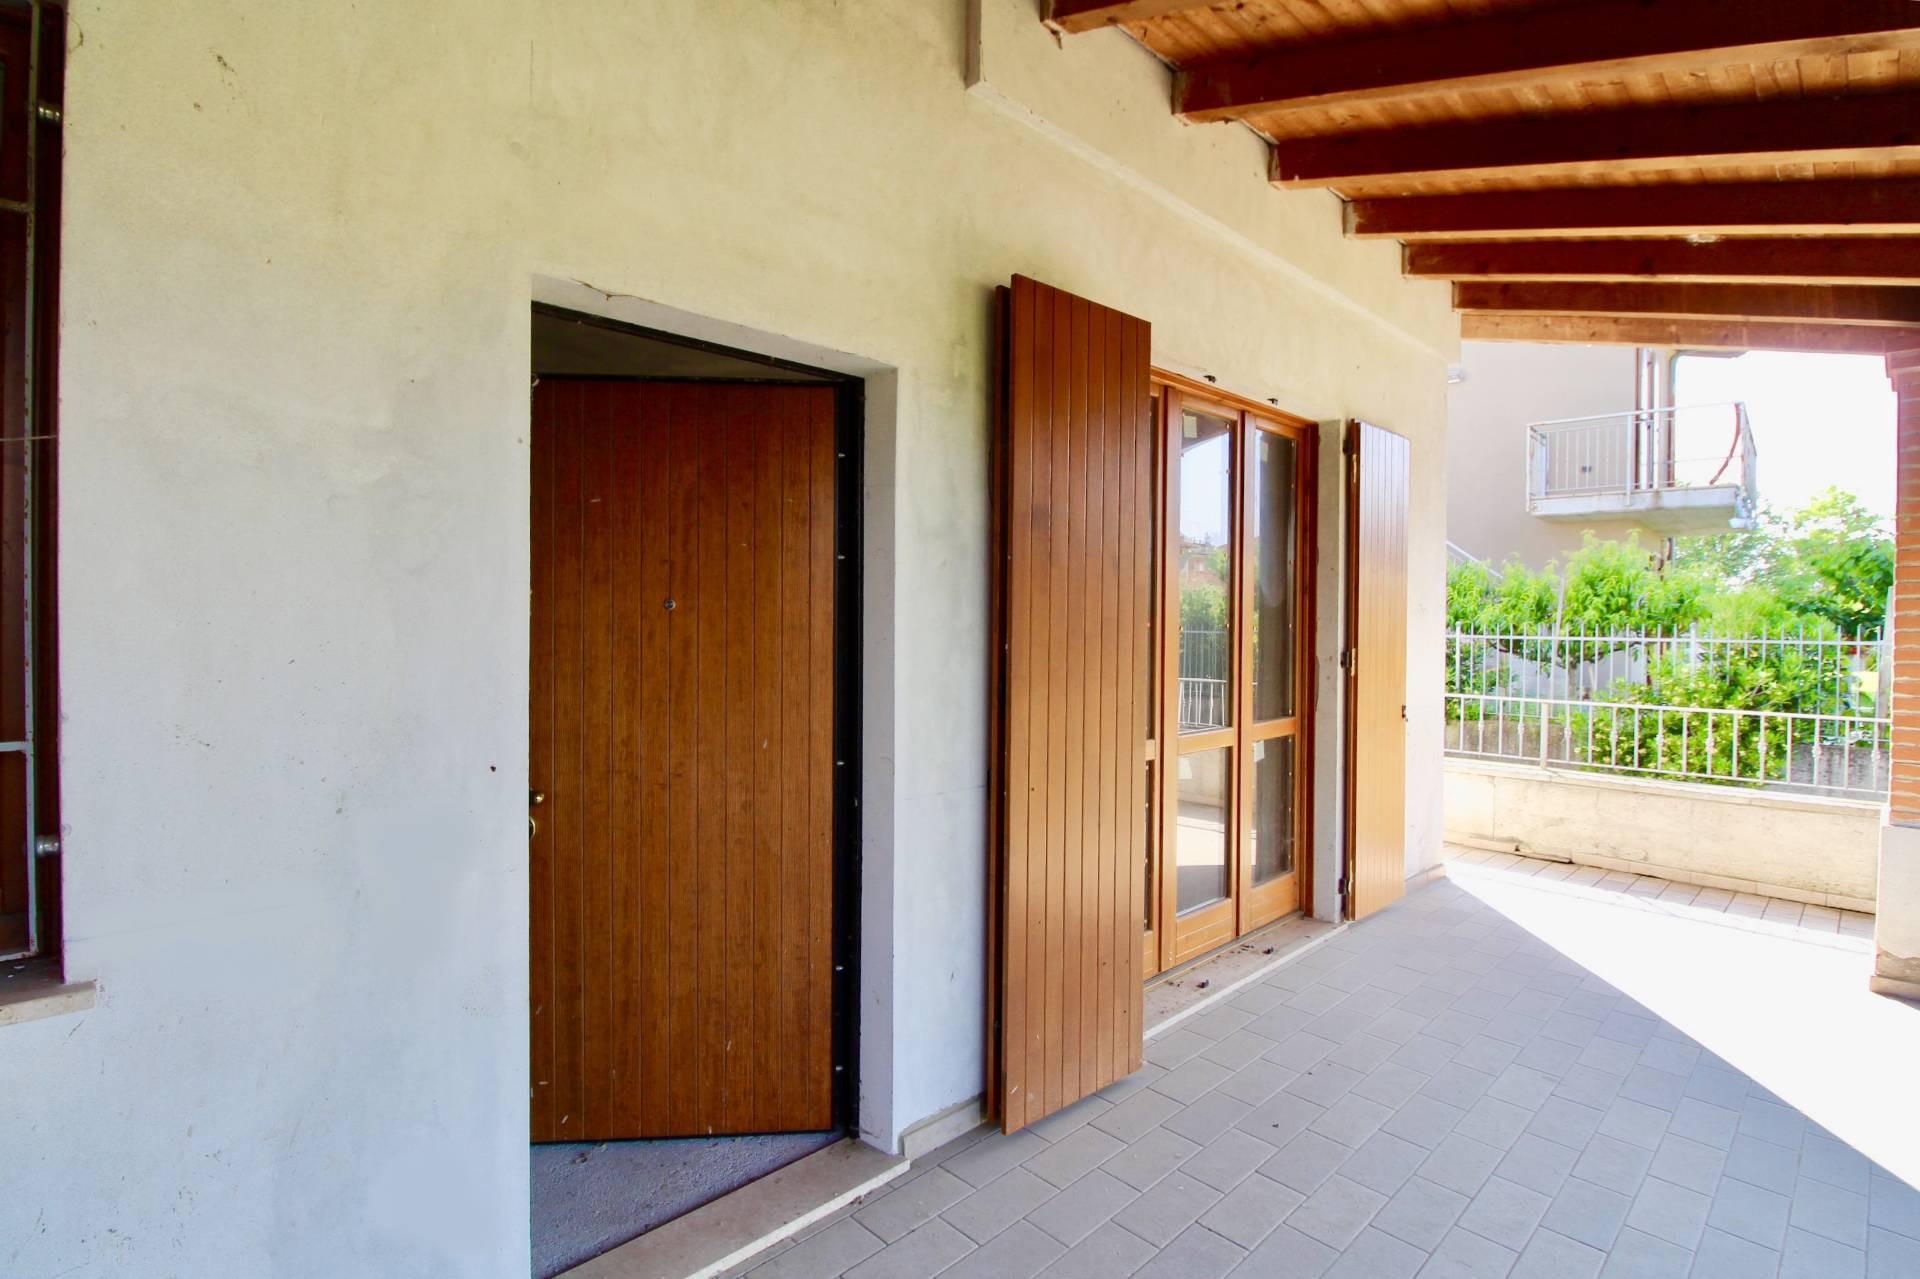 Villa Bifamiliare in vendita a Pozzolengo, 7 locali, prezzo € 250.000 | PortaleAgenzieImmobiliari.it